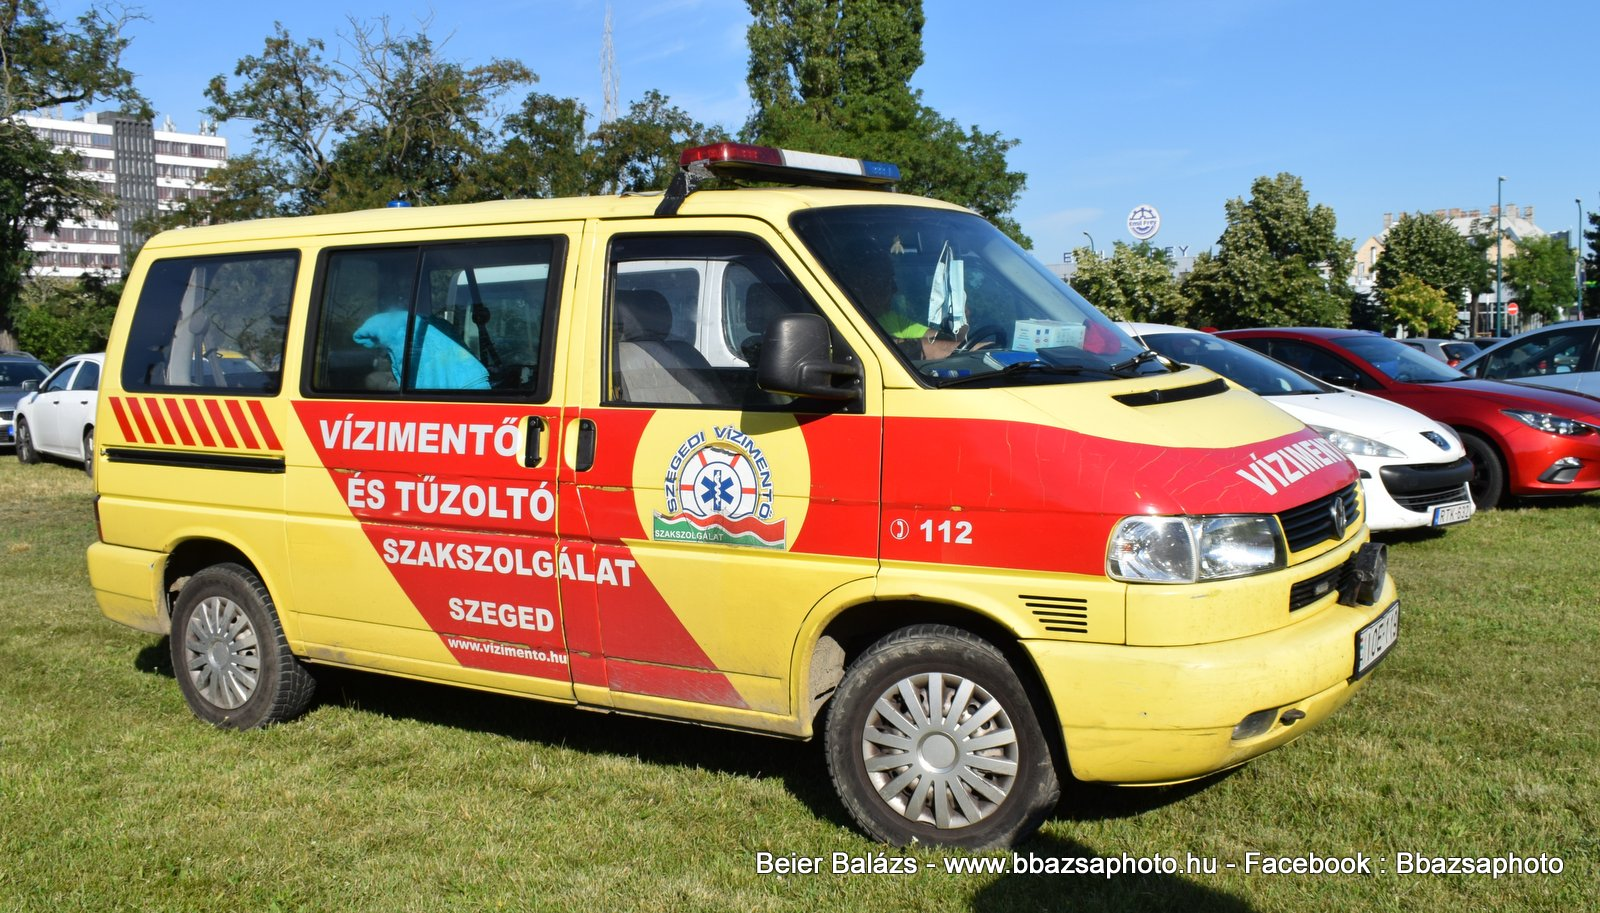 Volkswagen Transporter T5 – Szegedi vízimentők (sárga)